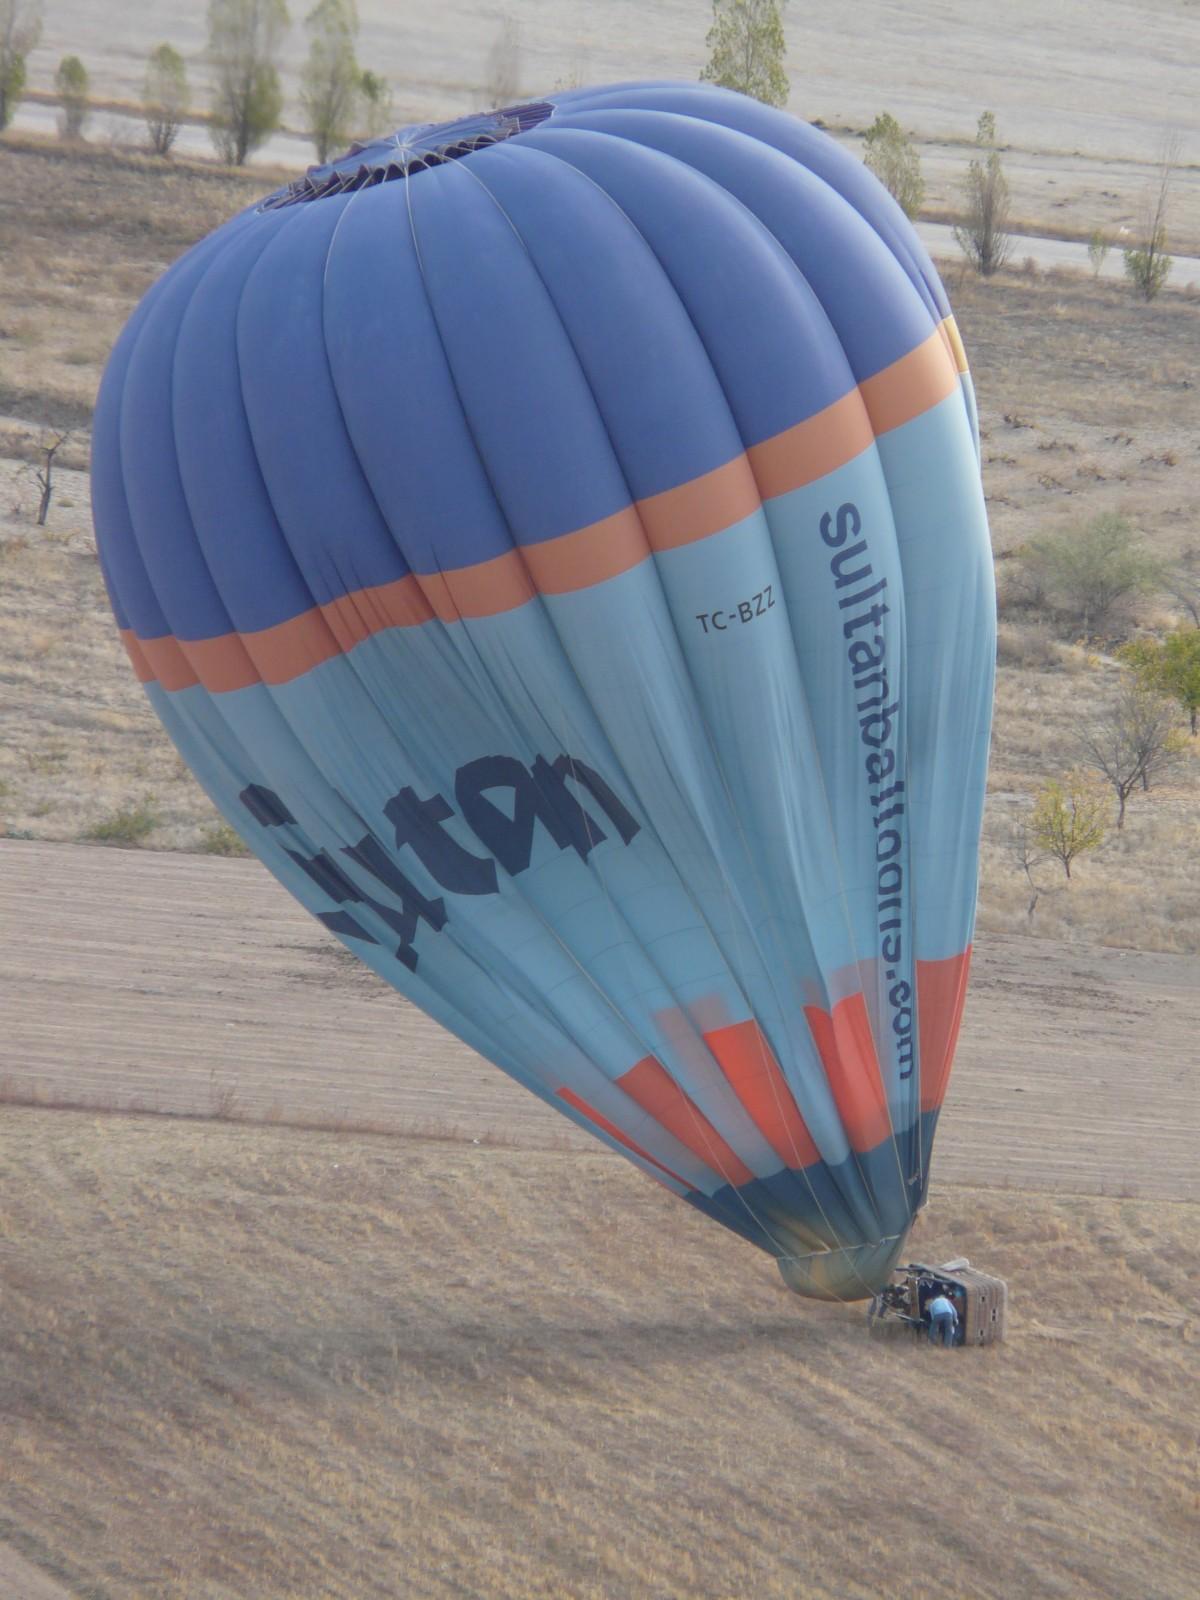 москве летательные аппараты картинки воздушного шара помещения создается